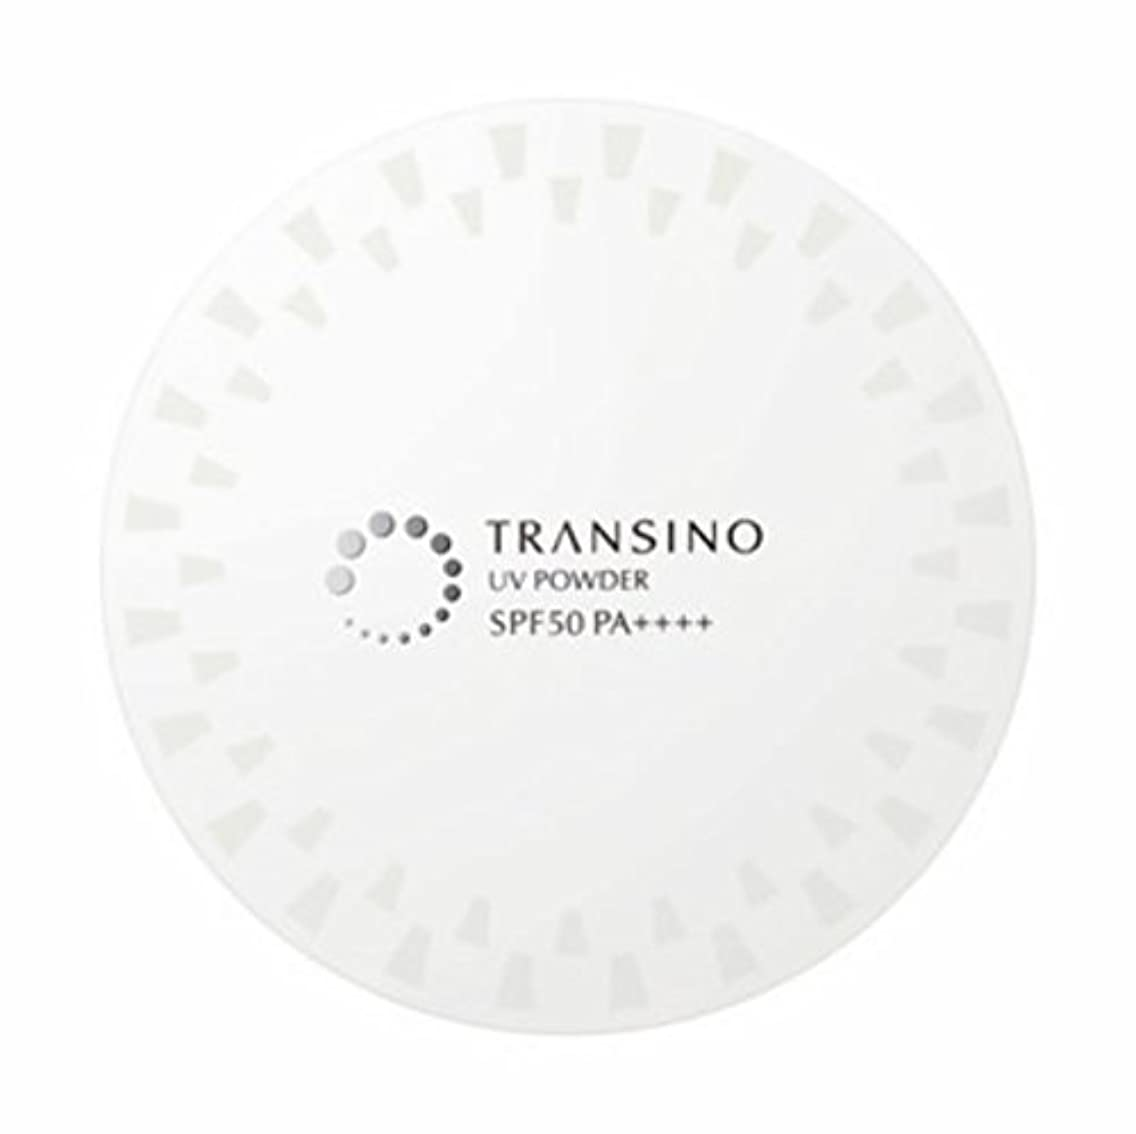 しおれた先味方トランシーノ 薬用UVパウダー 12g SPF50?PA++++ [並行輸入品]